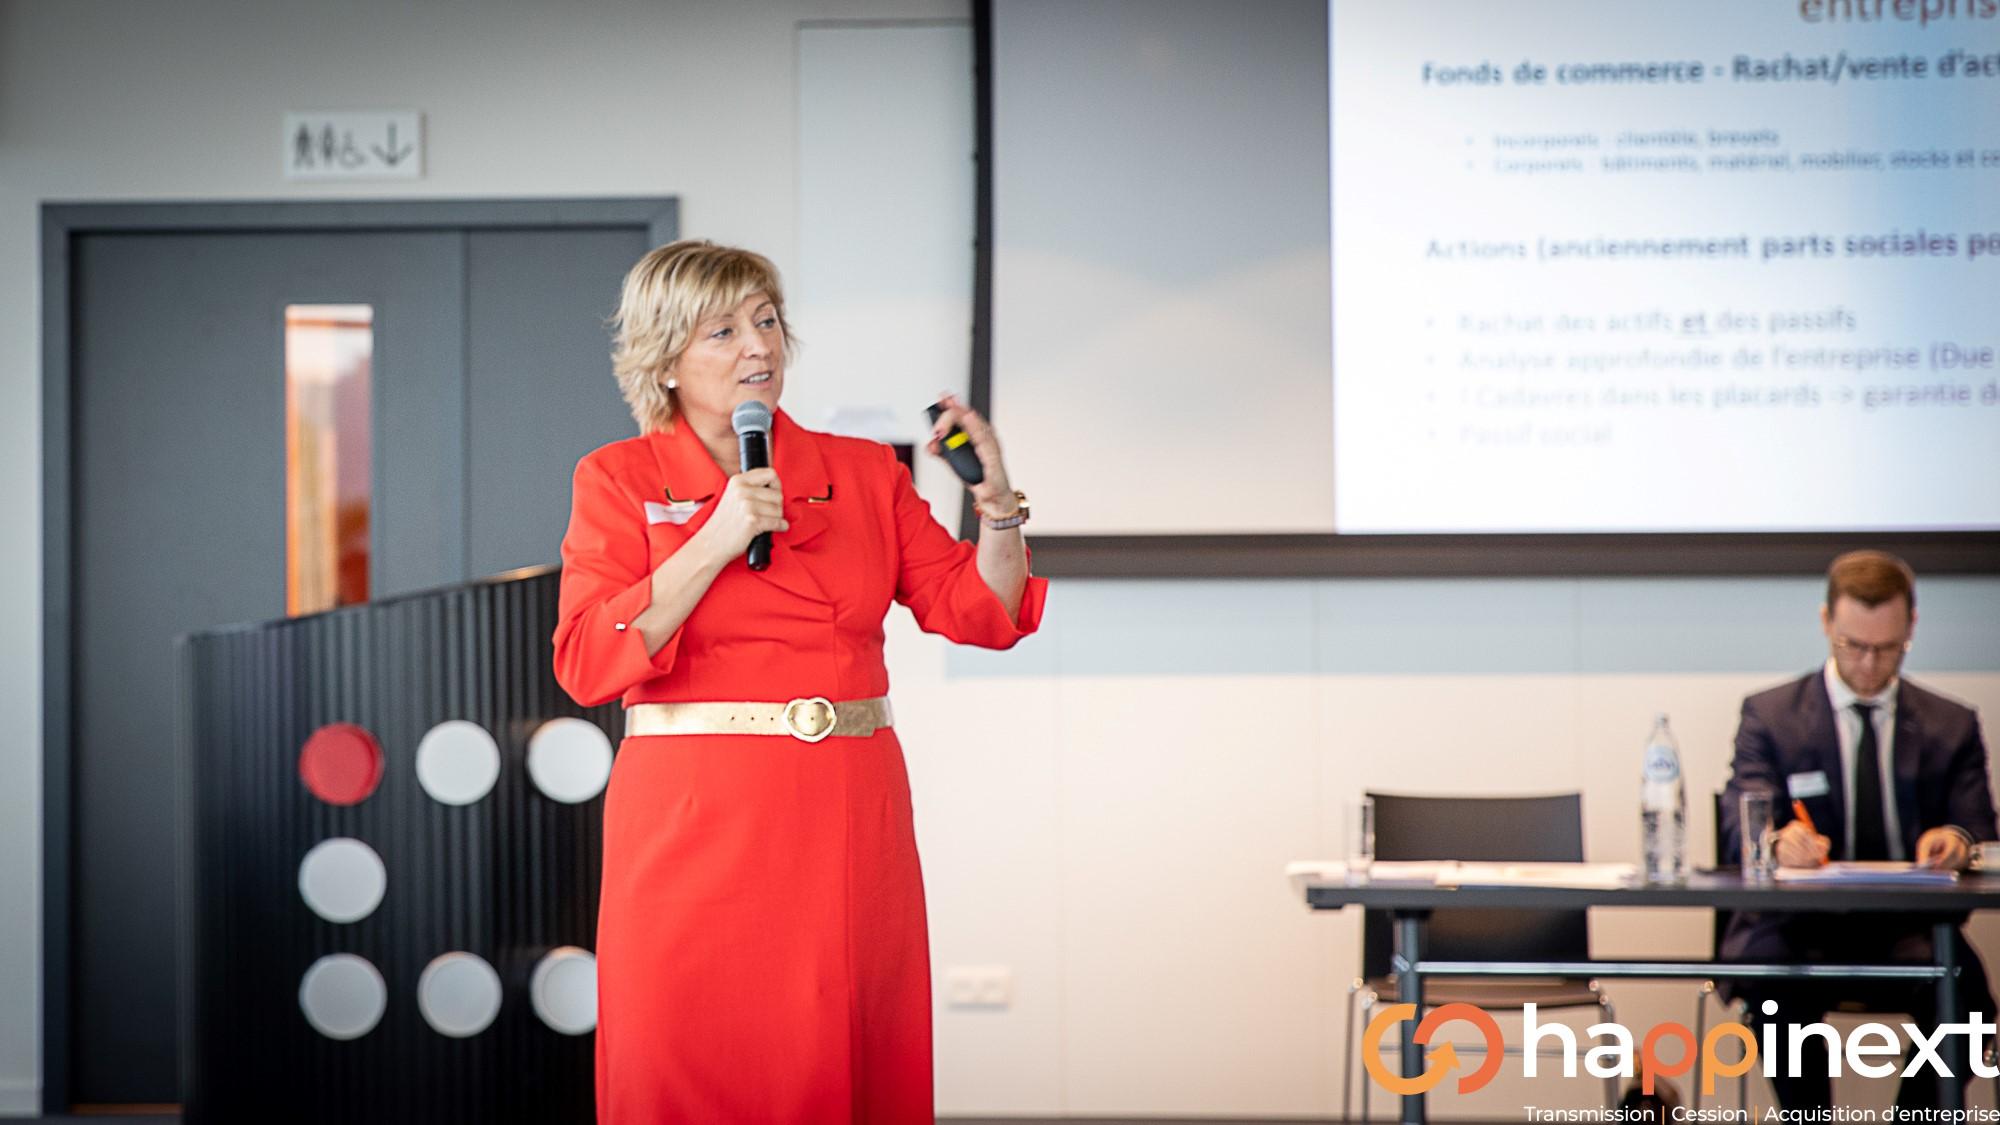 Nathalie Brognaux Happinext Transmission, Cession et Acquisition d'entreprise